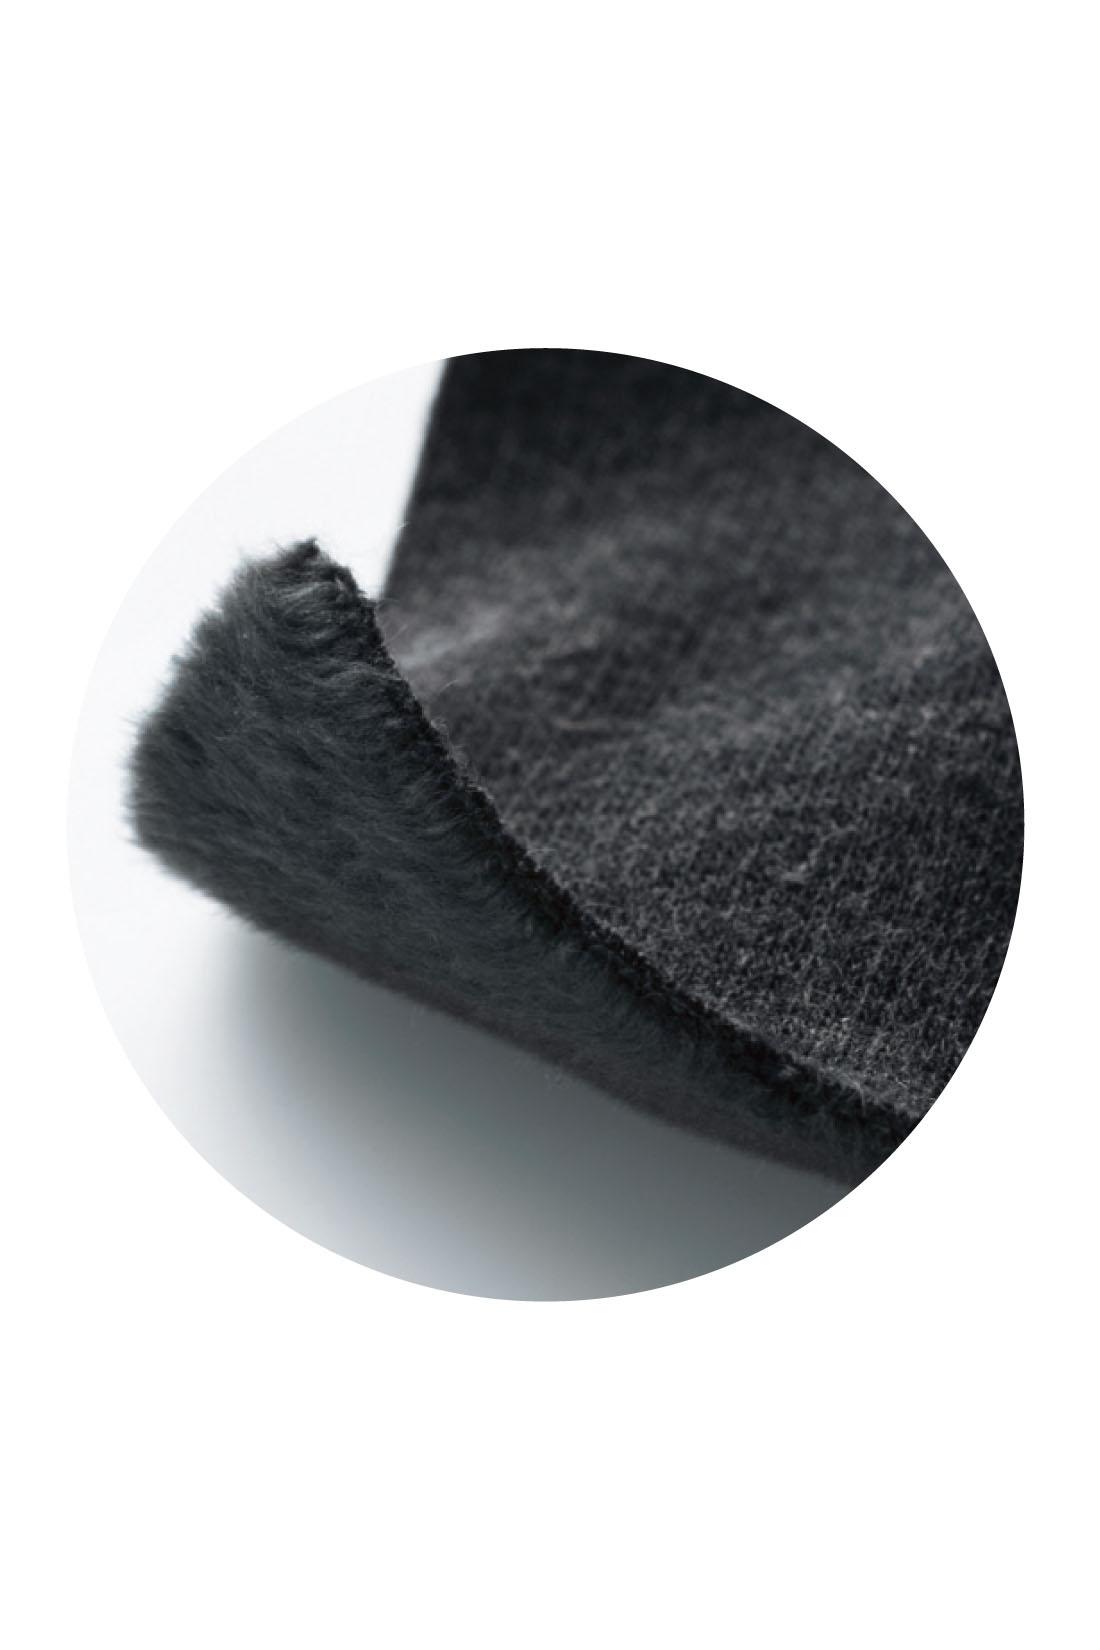 レギンス部分はスウェットの内側をファーのように起毛させた素材。